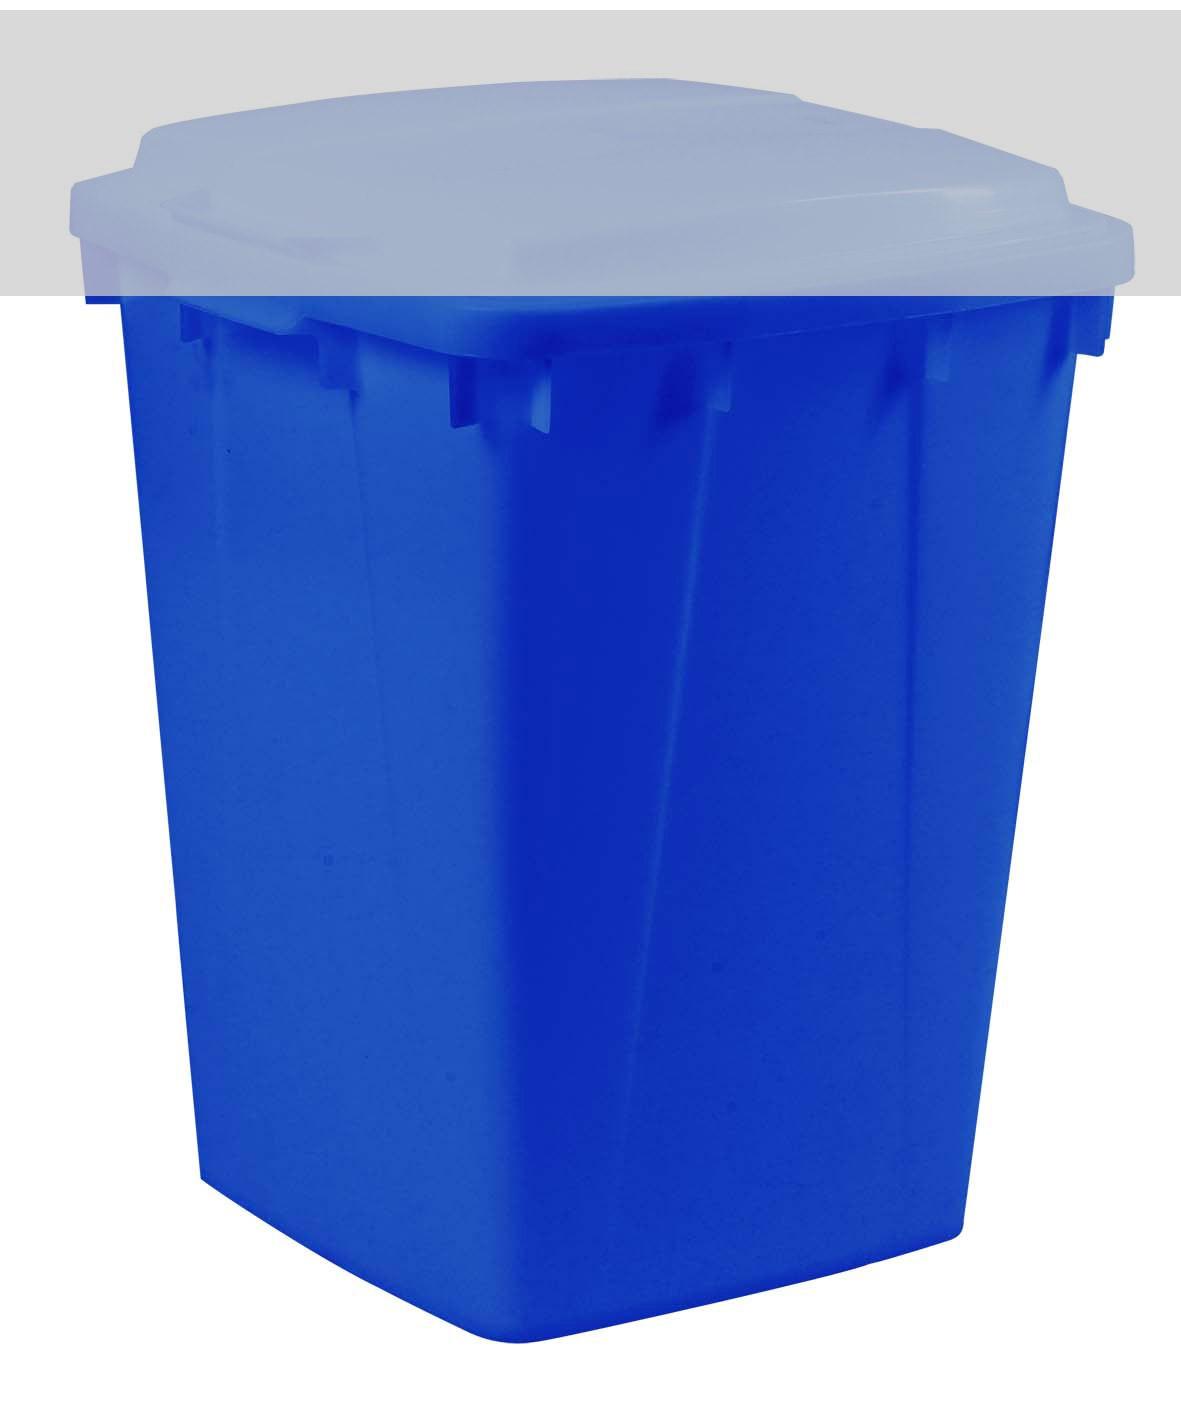 Mehrzweck-Behälter 90 Liter eckig blau Graf 778020 Bild 1